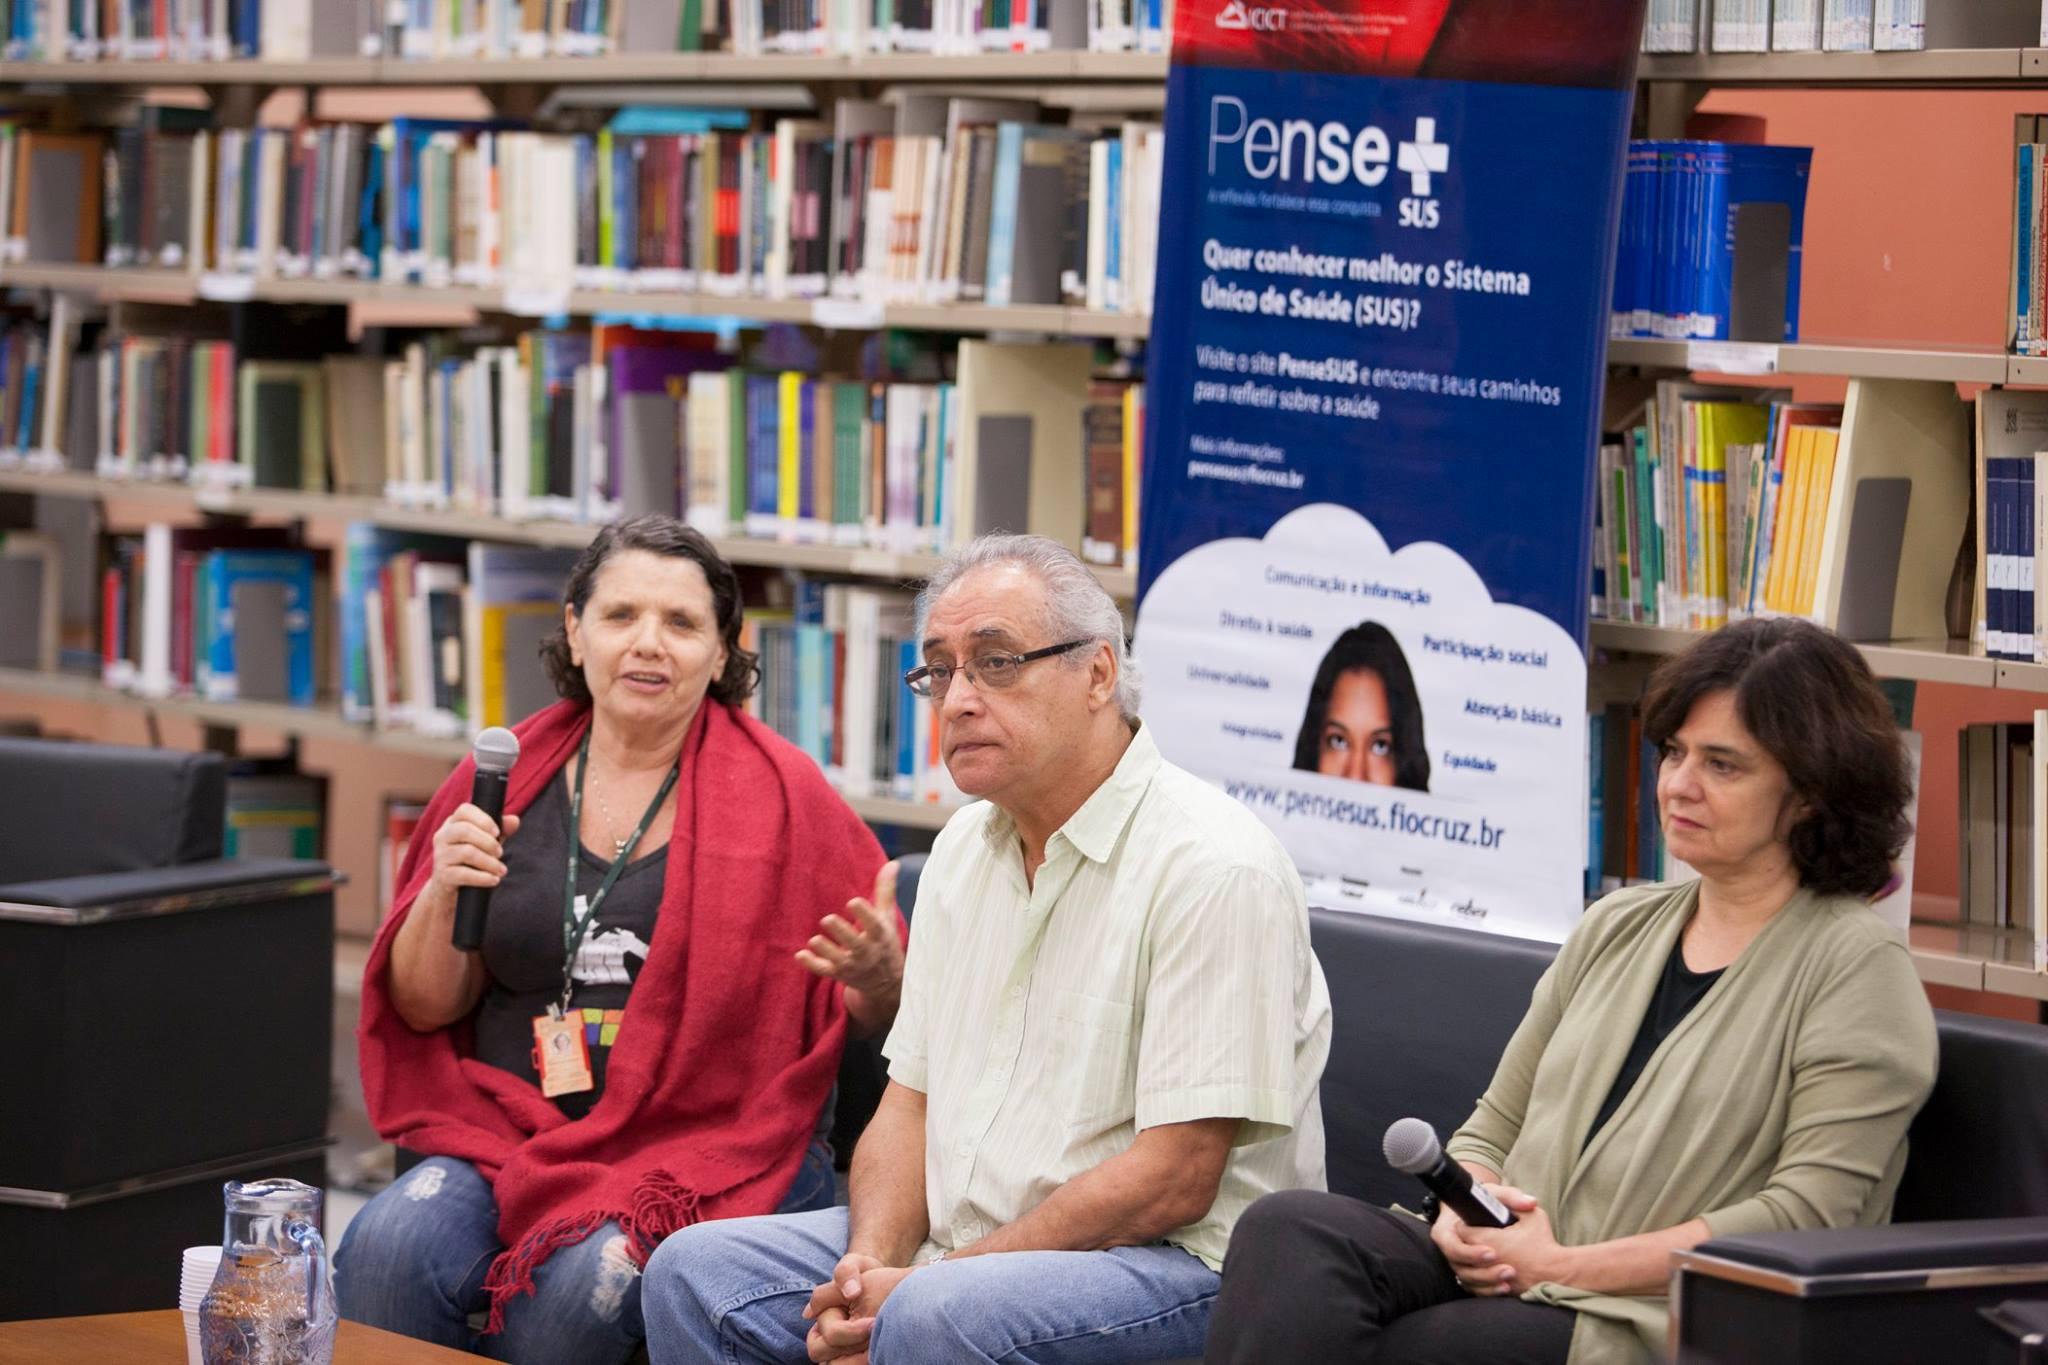 Lúcia Souto, Umberto Trigueiros e Nísia Trindade Lima